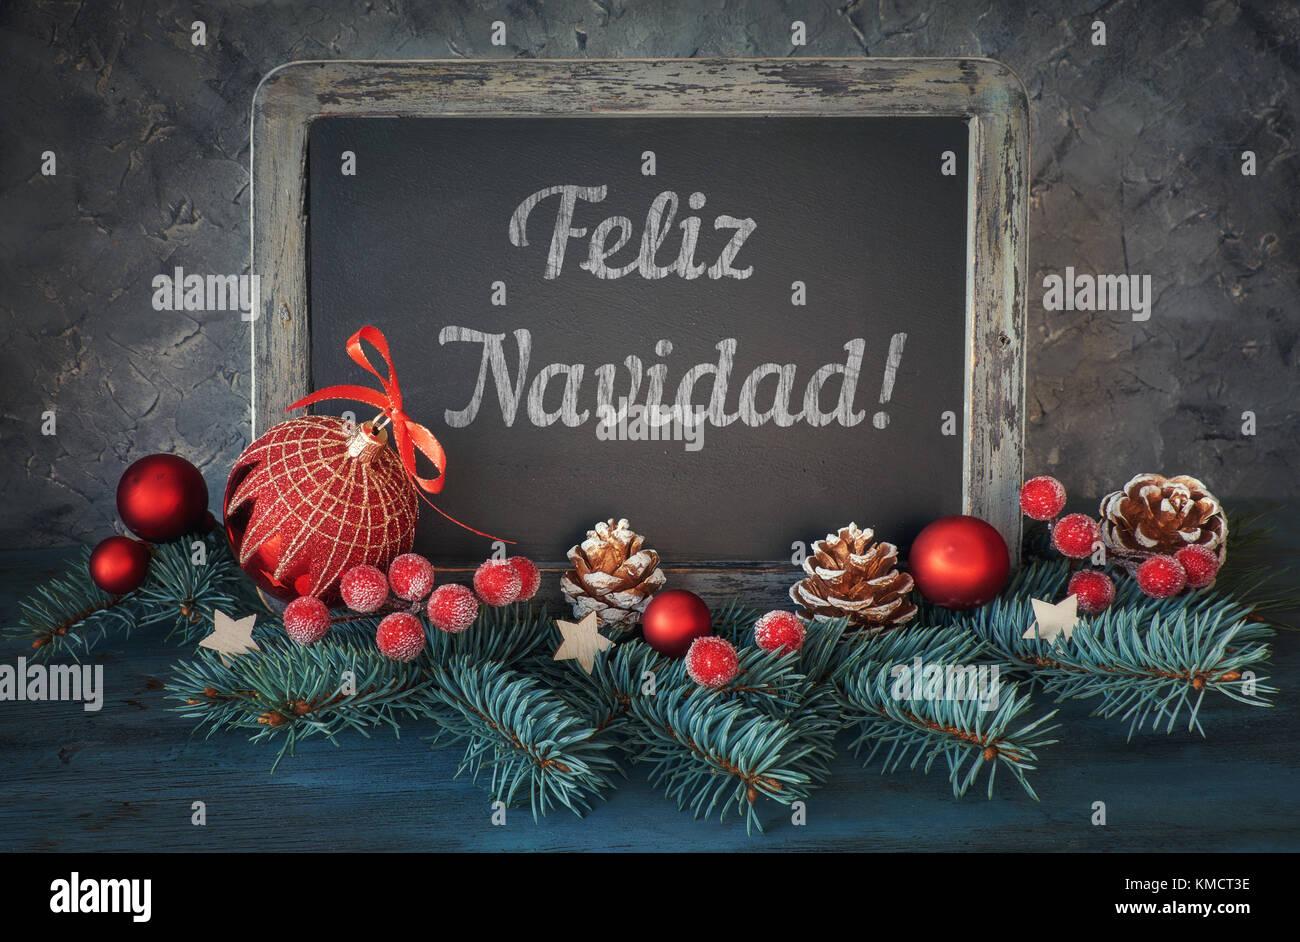 Frohe Weihnachten Englisch.Tafel Mit Text Feliz Navidad Oder Frohe Weihnachten In Englisch